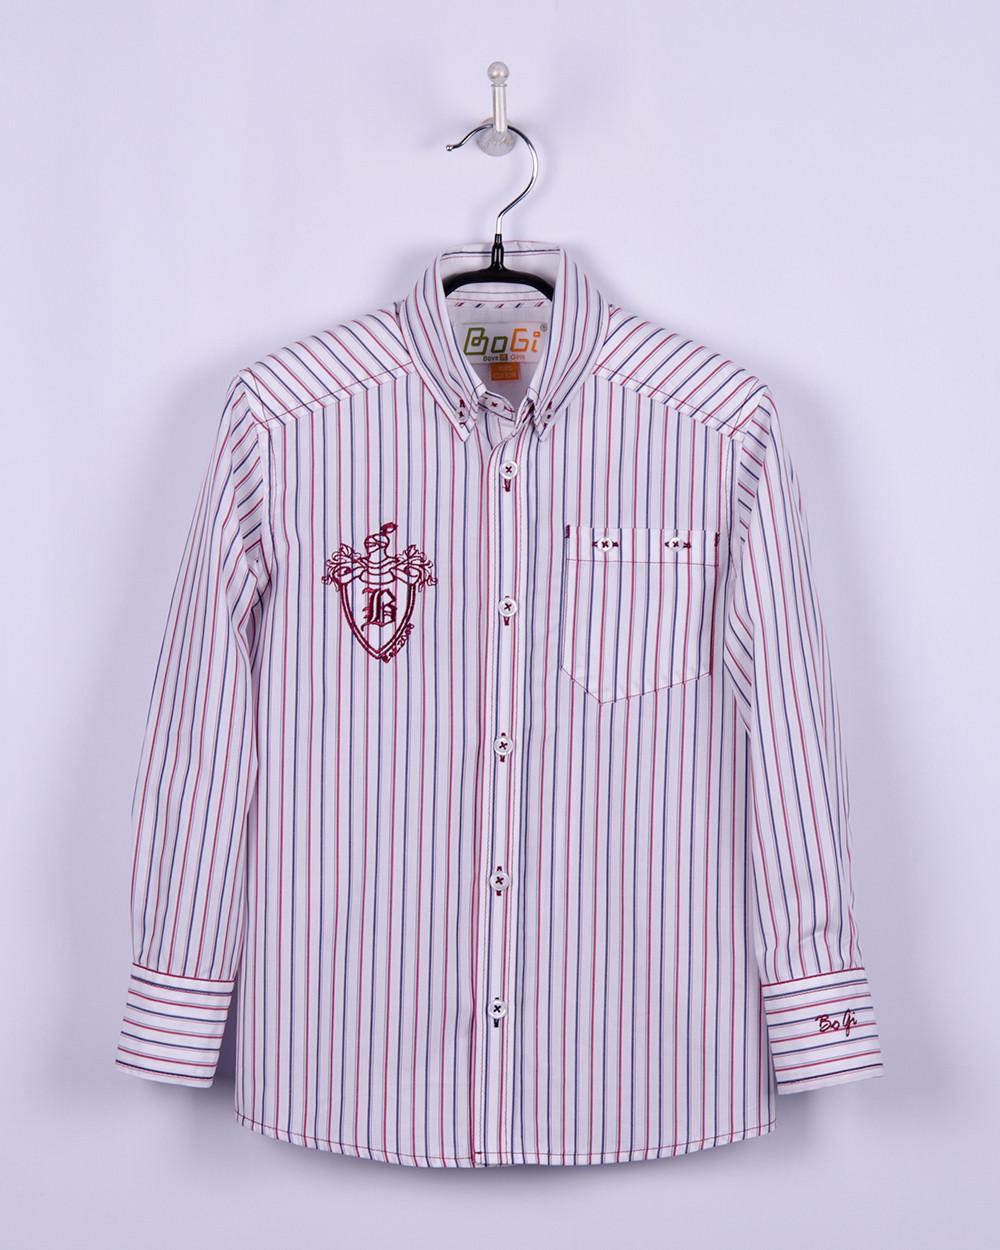 Рубашка для мальчика в красно-синию полоску, BOGI (Божи)